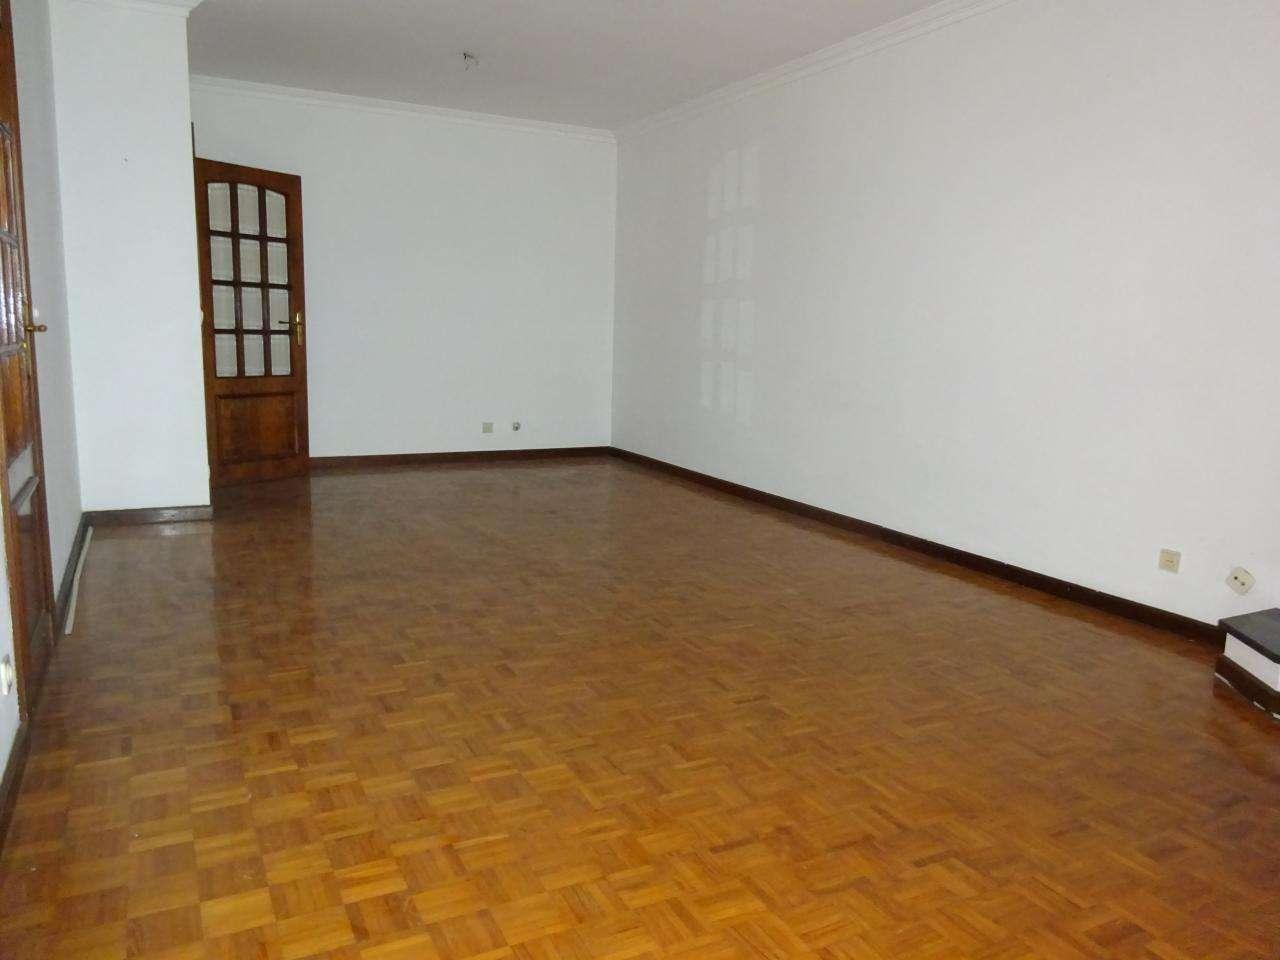 Apartamento para arrendar, Mirandela - Foto 2